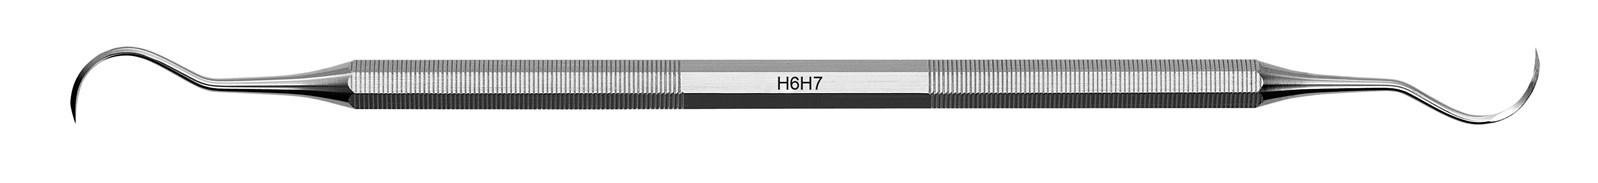 Scaler univerzální - H6H7, ADEP tmavě modrý